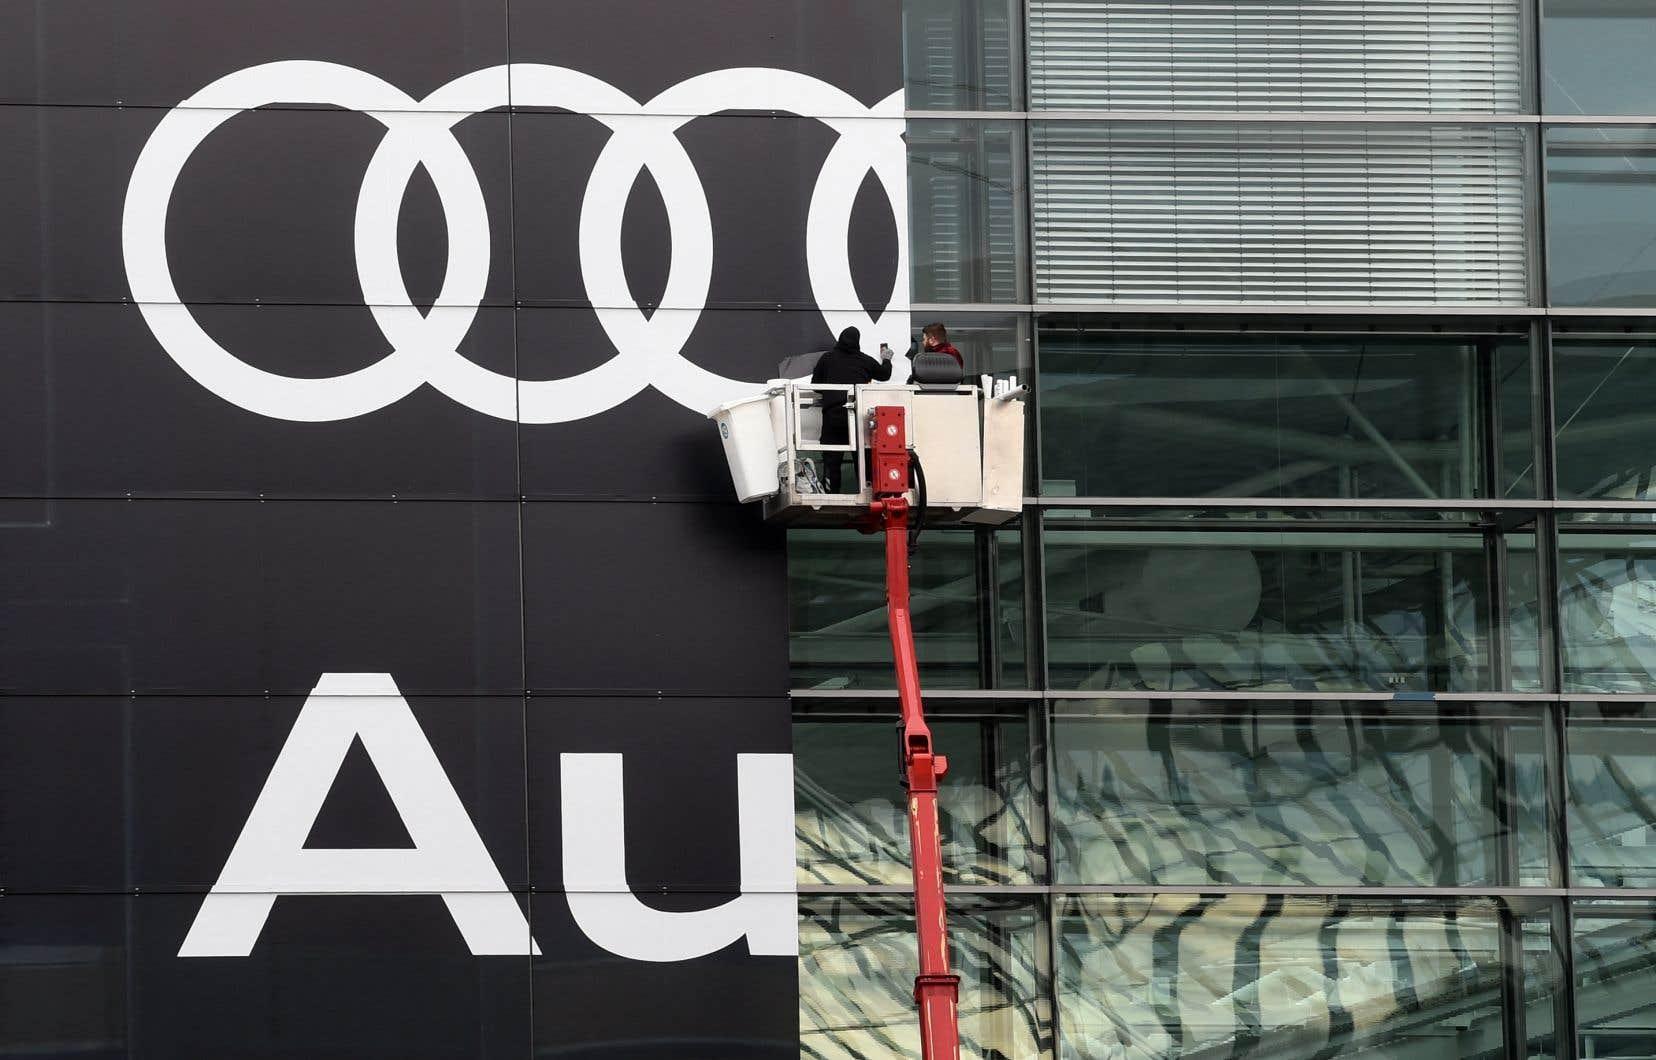 Le 11juin, le Groupe Volkswagen, qui détient entre autres la marque Audi, a publié un communiqué dans lequel il confirmait qu'une fuite de données avait exposé les données de plus de 3,3millions de personnes en Amérique du Nord, dont 163000 au Canada.